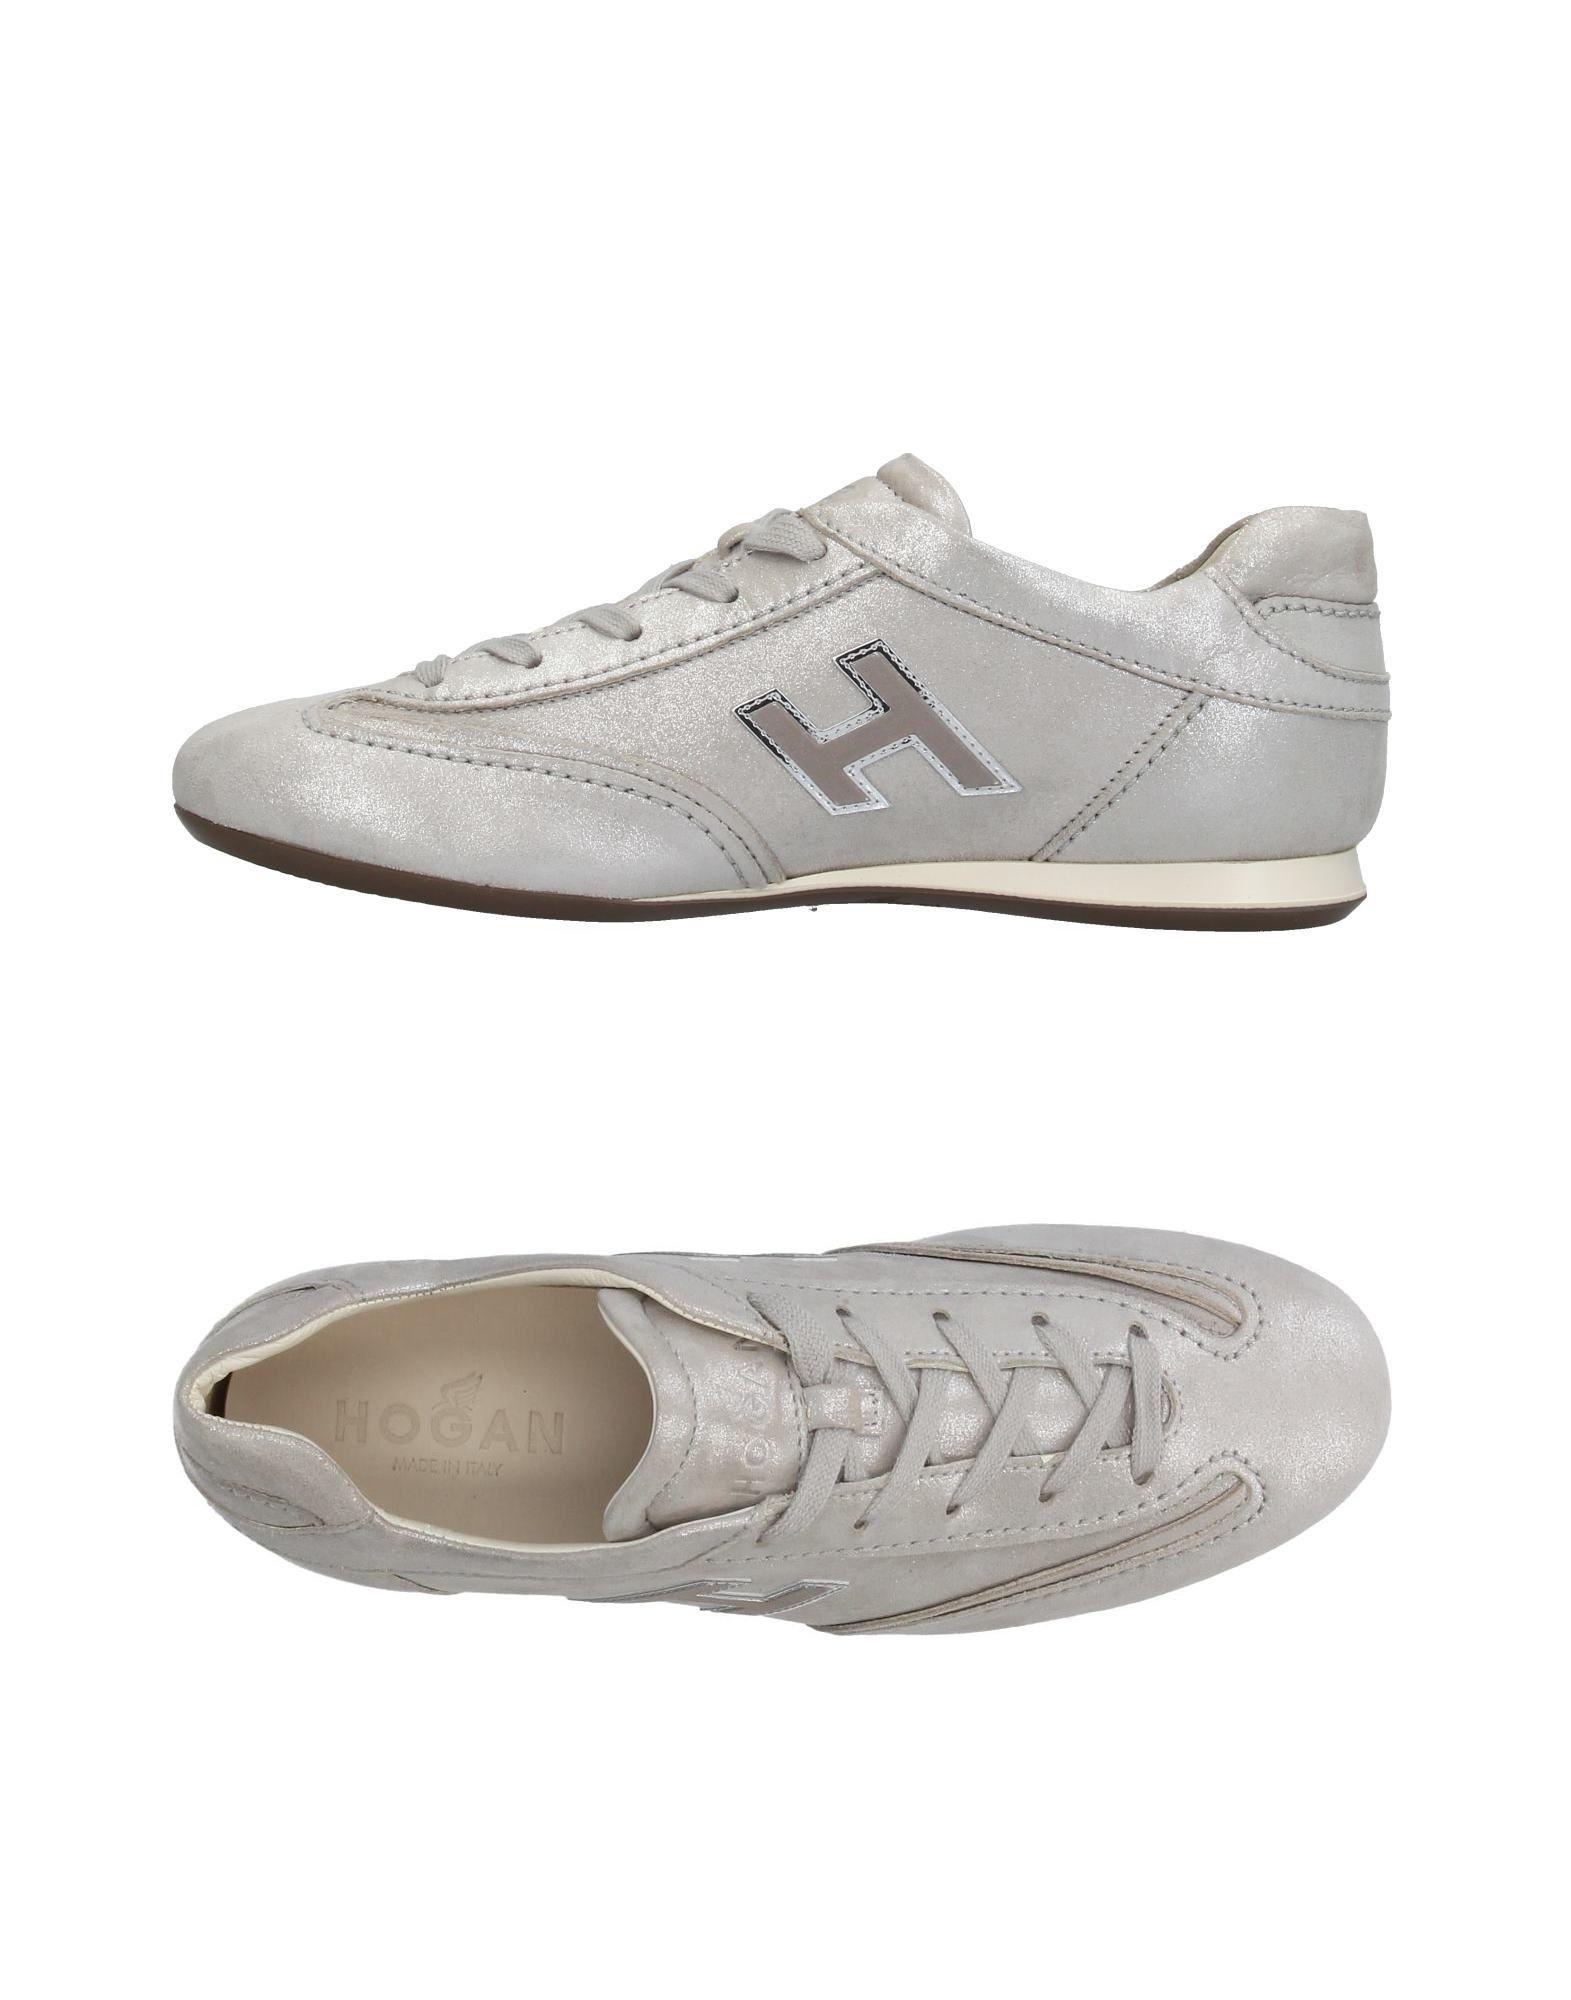 modelo más vendido - de la marcaZapatillas Hogan Mujer - vendido Zapatillas Hogan  Gris perla c601e1